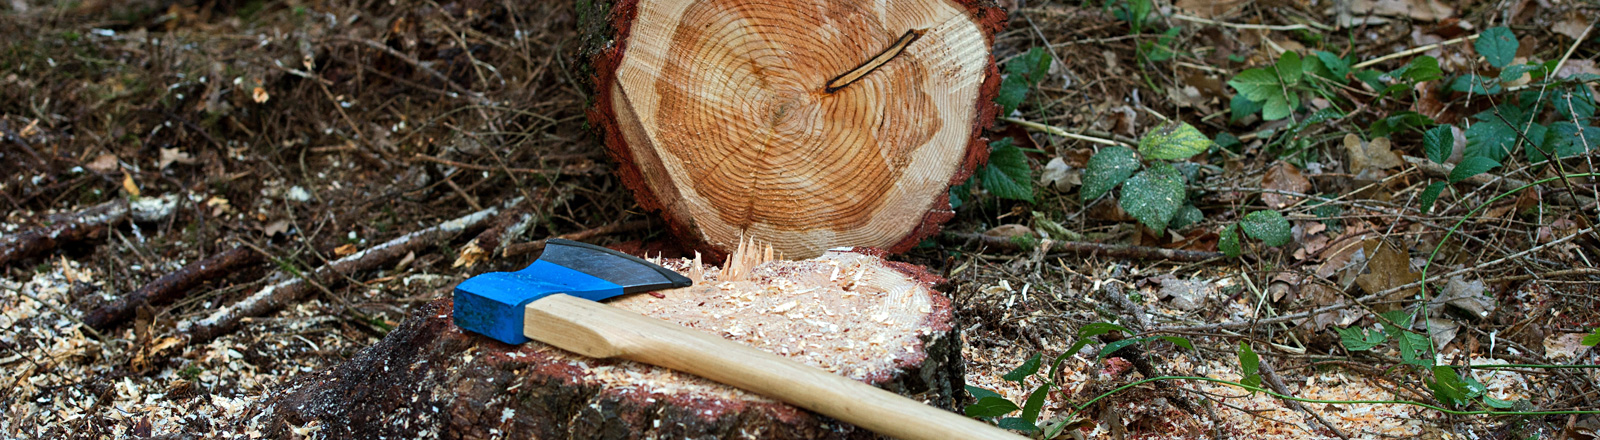 Eine Axt liegt auf einem zuvor gefällten Fichtenstamm; Bild: dpa